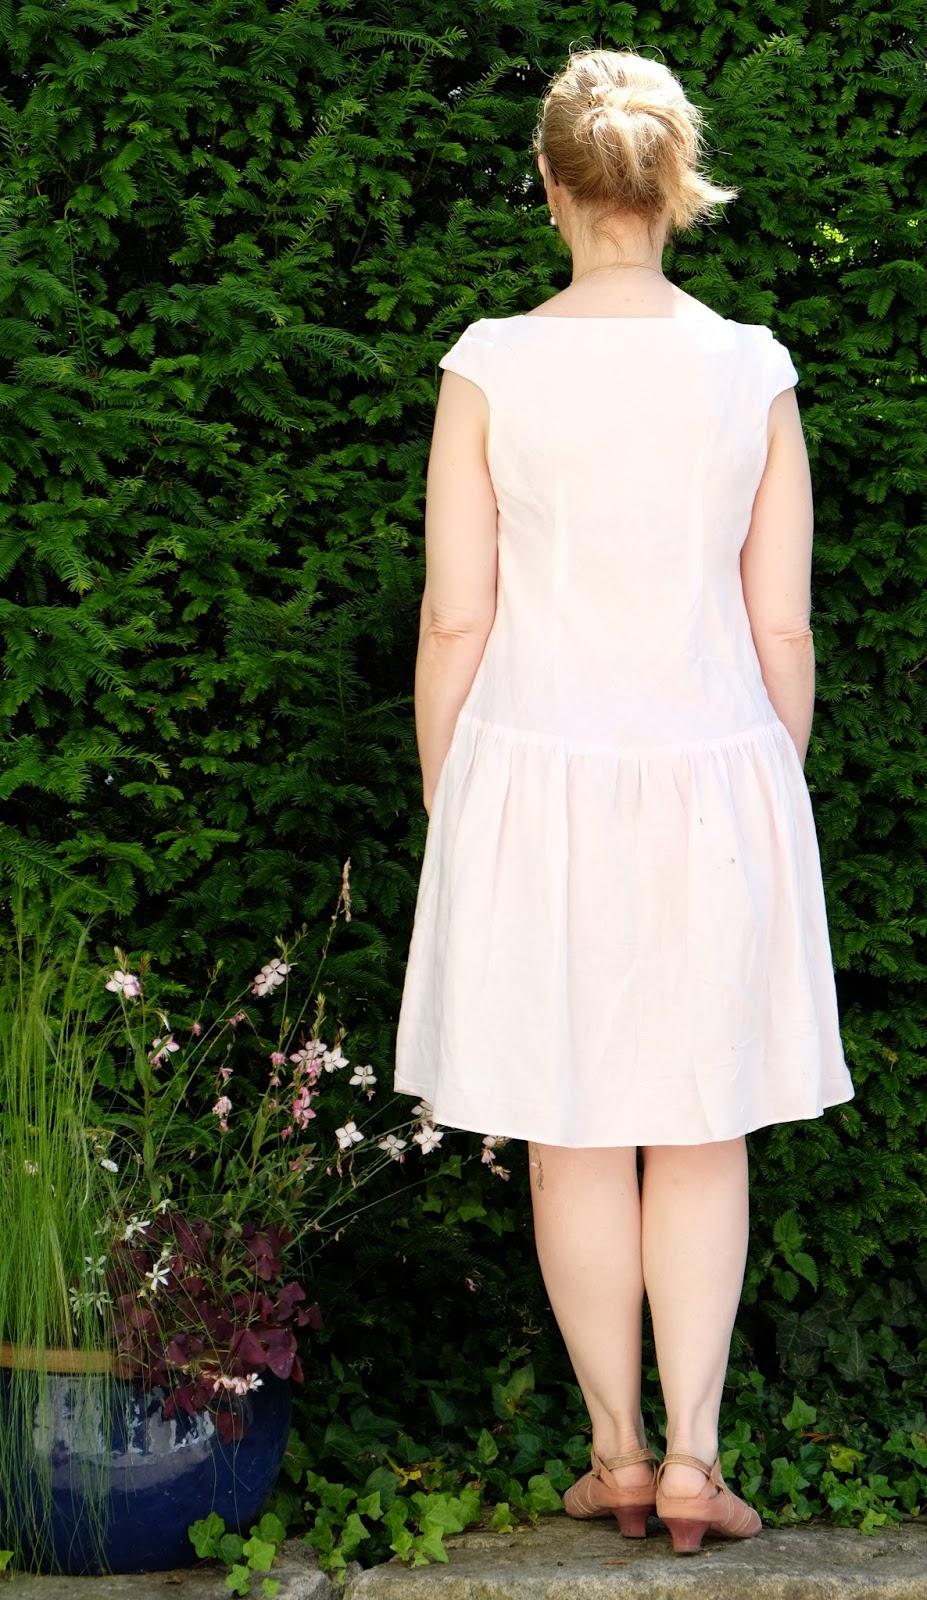 Alles neu macht der Mai!: Downton Abbey inspiriertes Sommerkleid ...